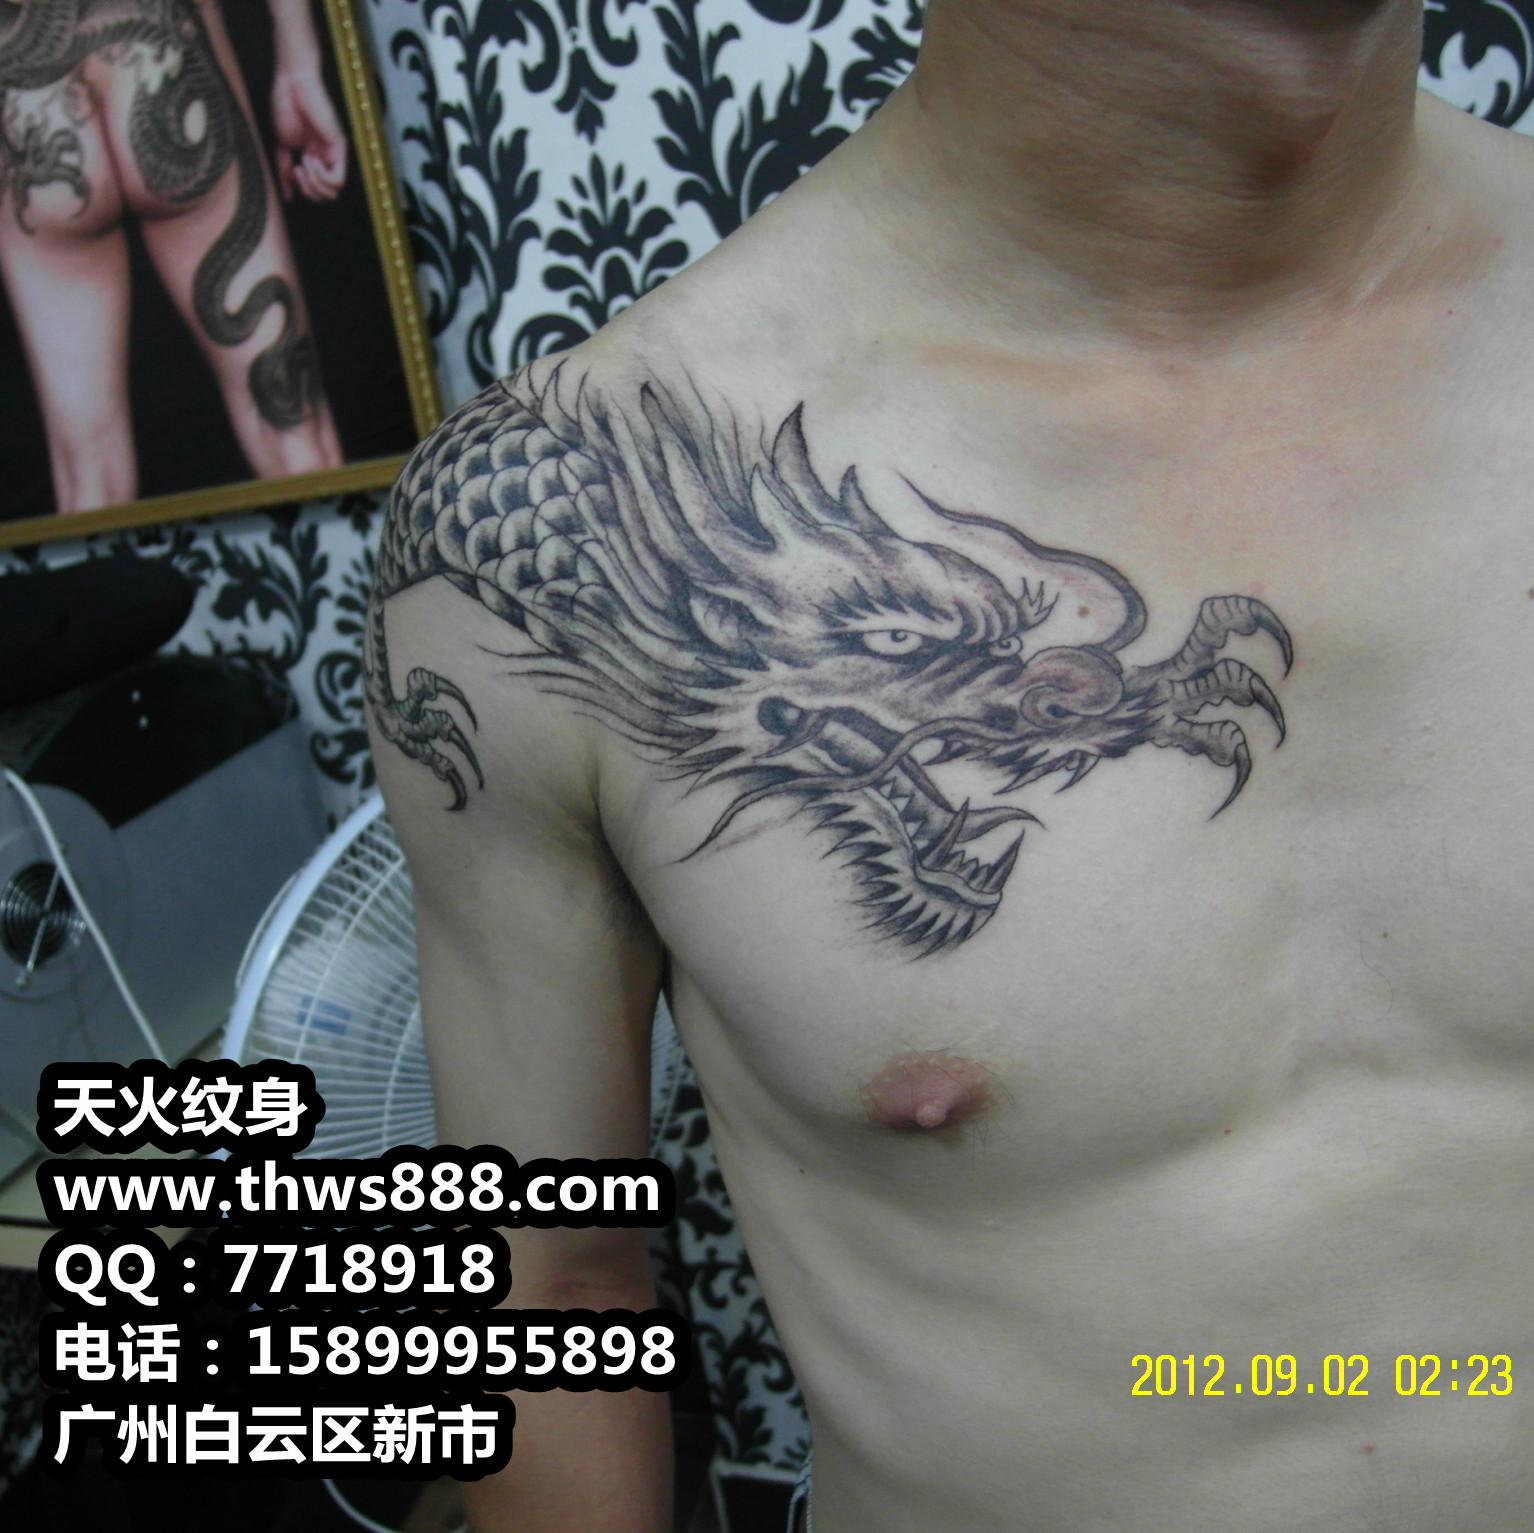 猛龙披肩财路无边 - 纹身,广州纹身,天火纹身,刺青